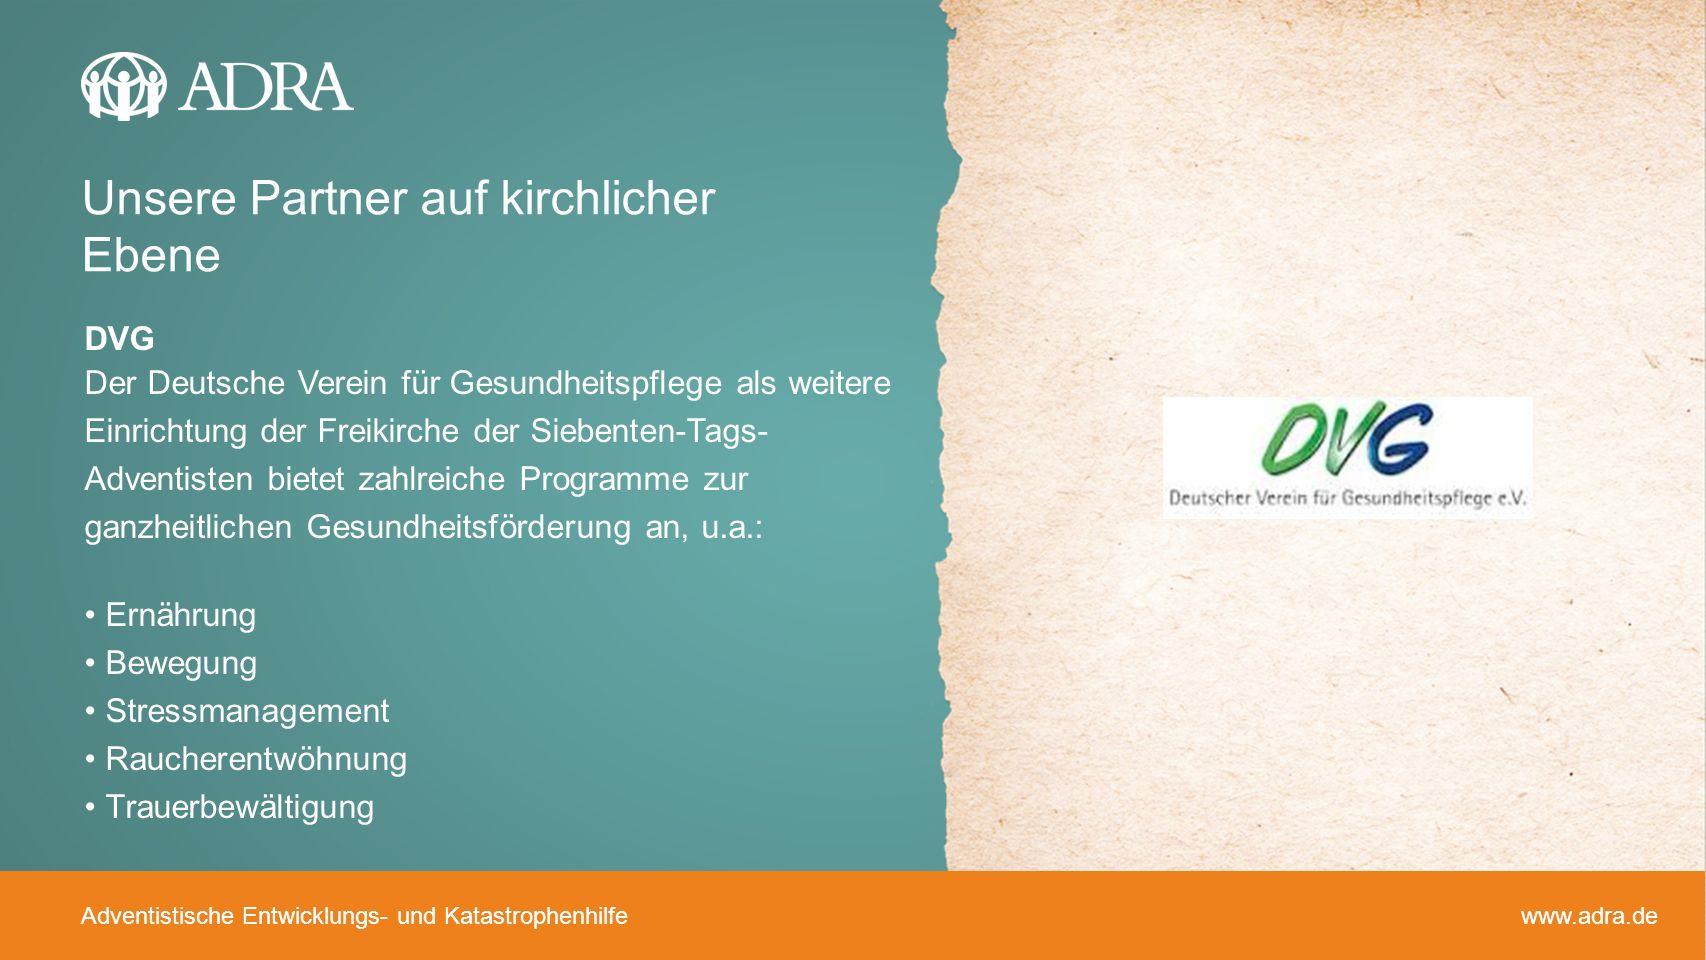 Adventistische Entwicklungs- und Katastrophenhilfe www.adra.de DVG Der Deutsche Verein für Gesundheitspflege als weitere Einrichtung der Freikirche de